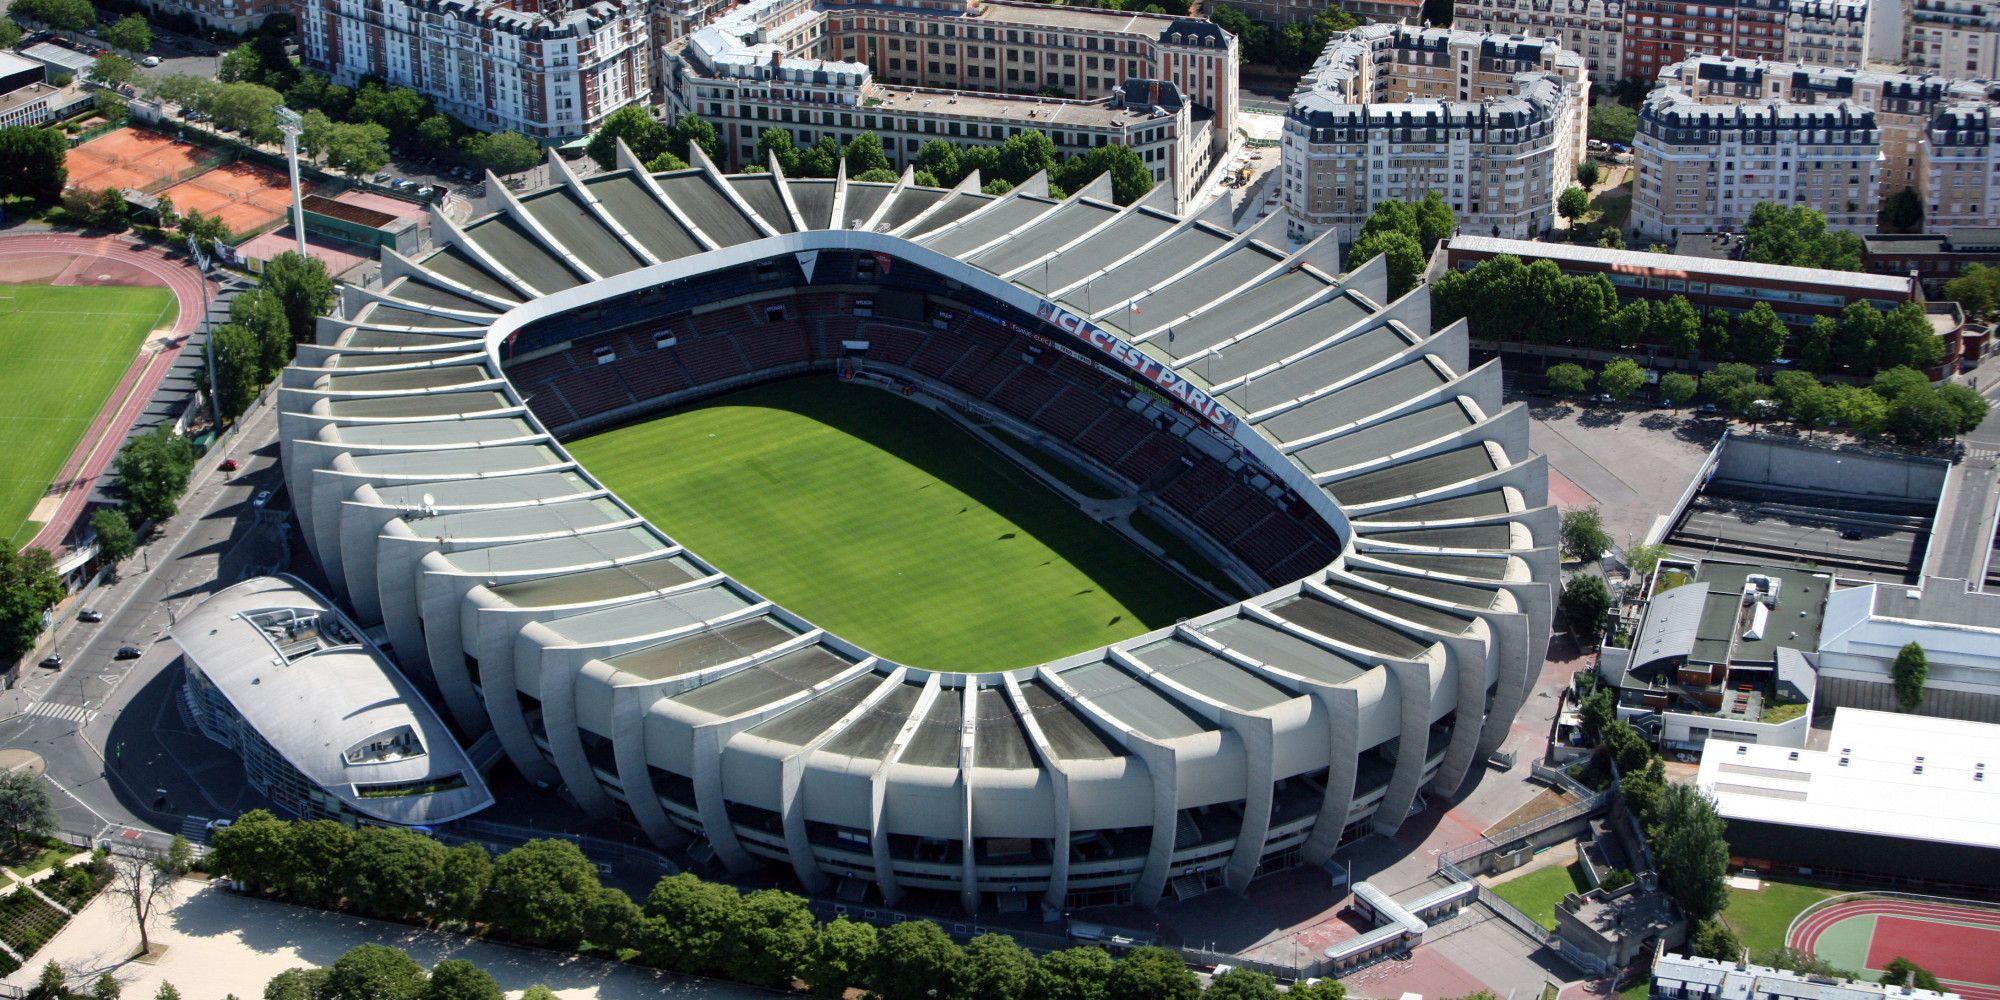 Parc Des Princes Paris St Germain Football Stadiums Stadium Architecture Stadium